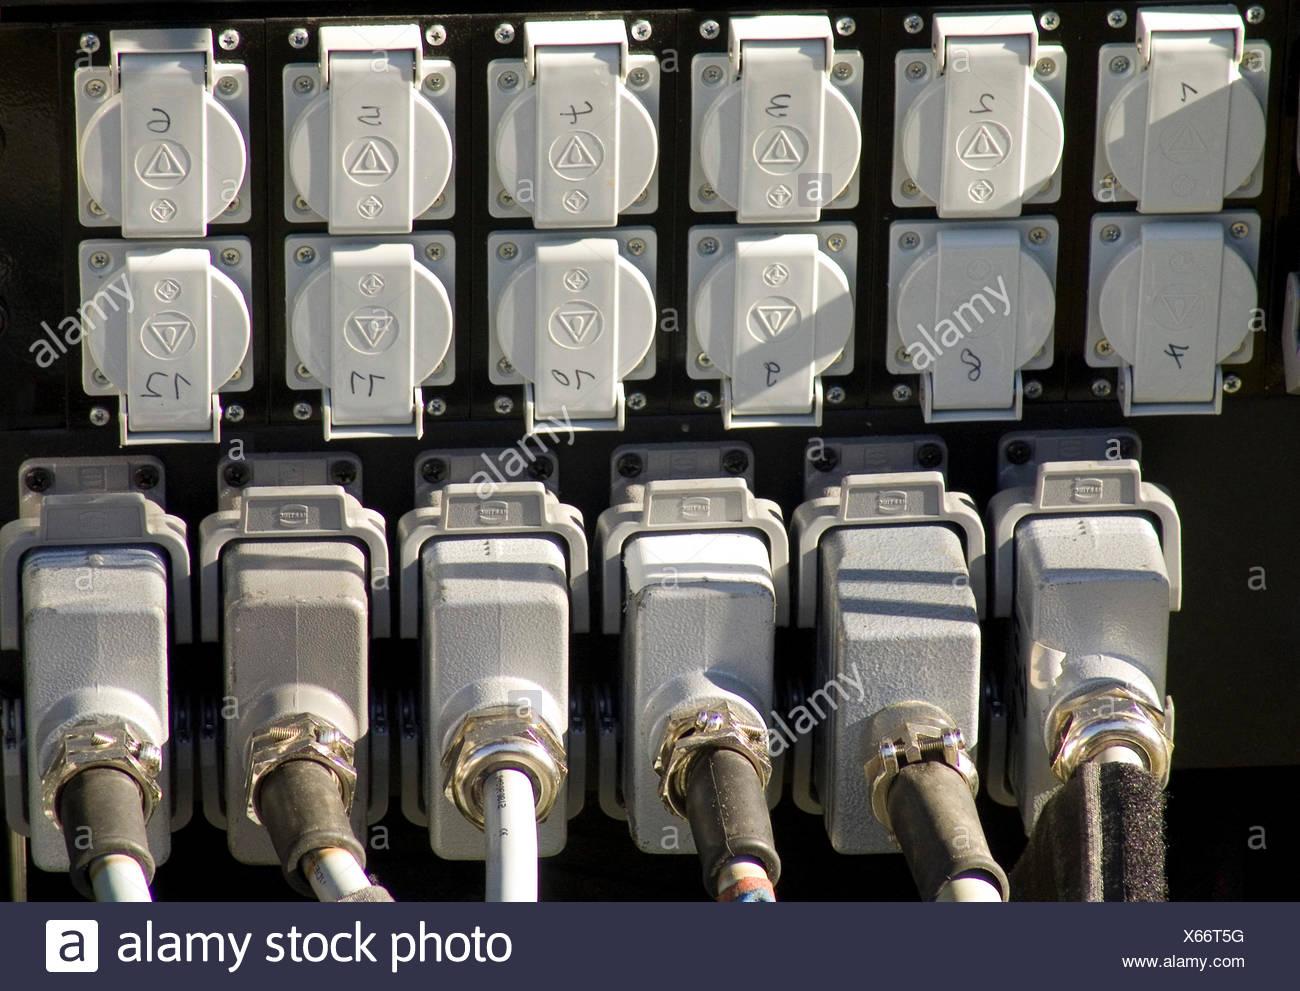 Ausgezeichnet Stromschalter Verkabelung Fotos - Die Besten ...